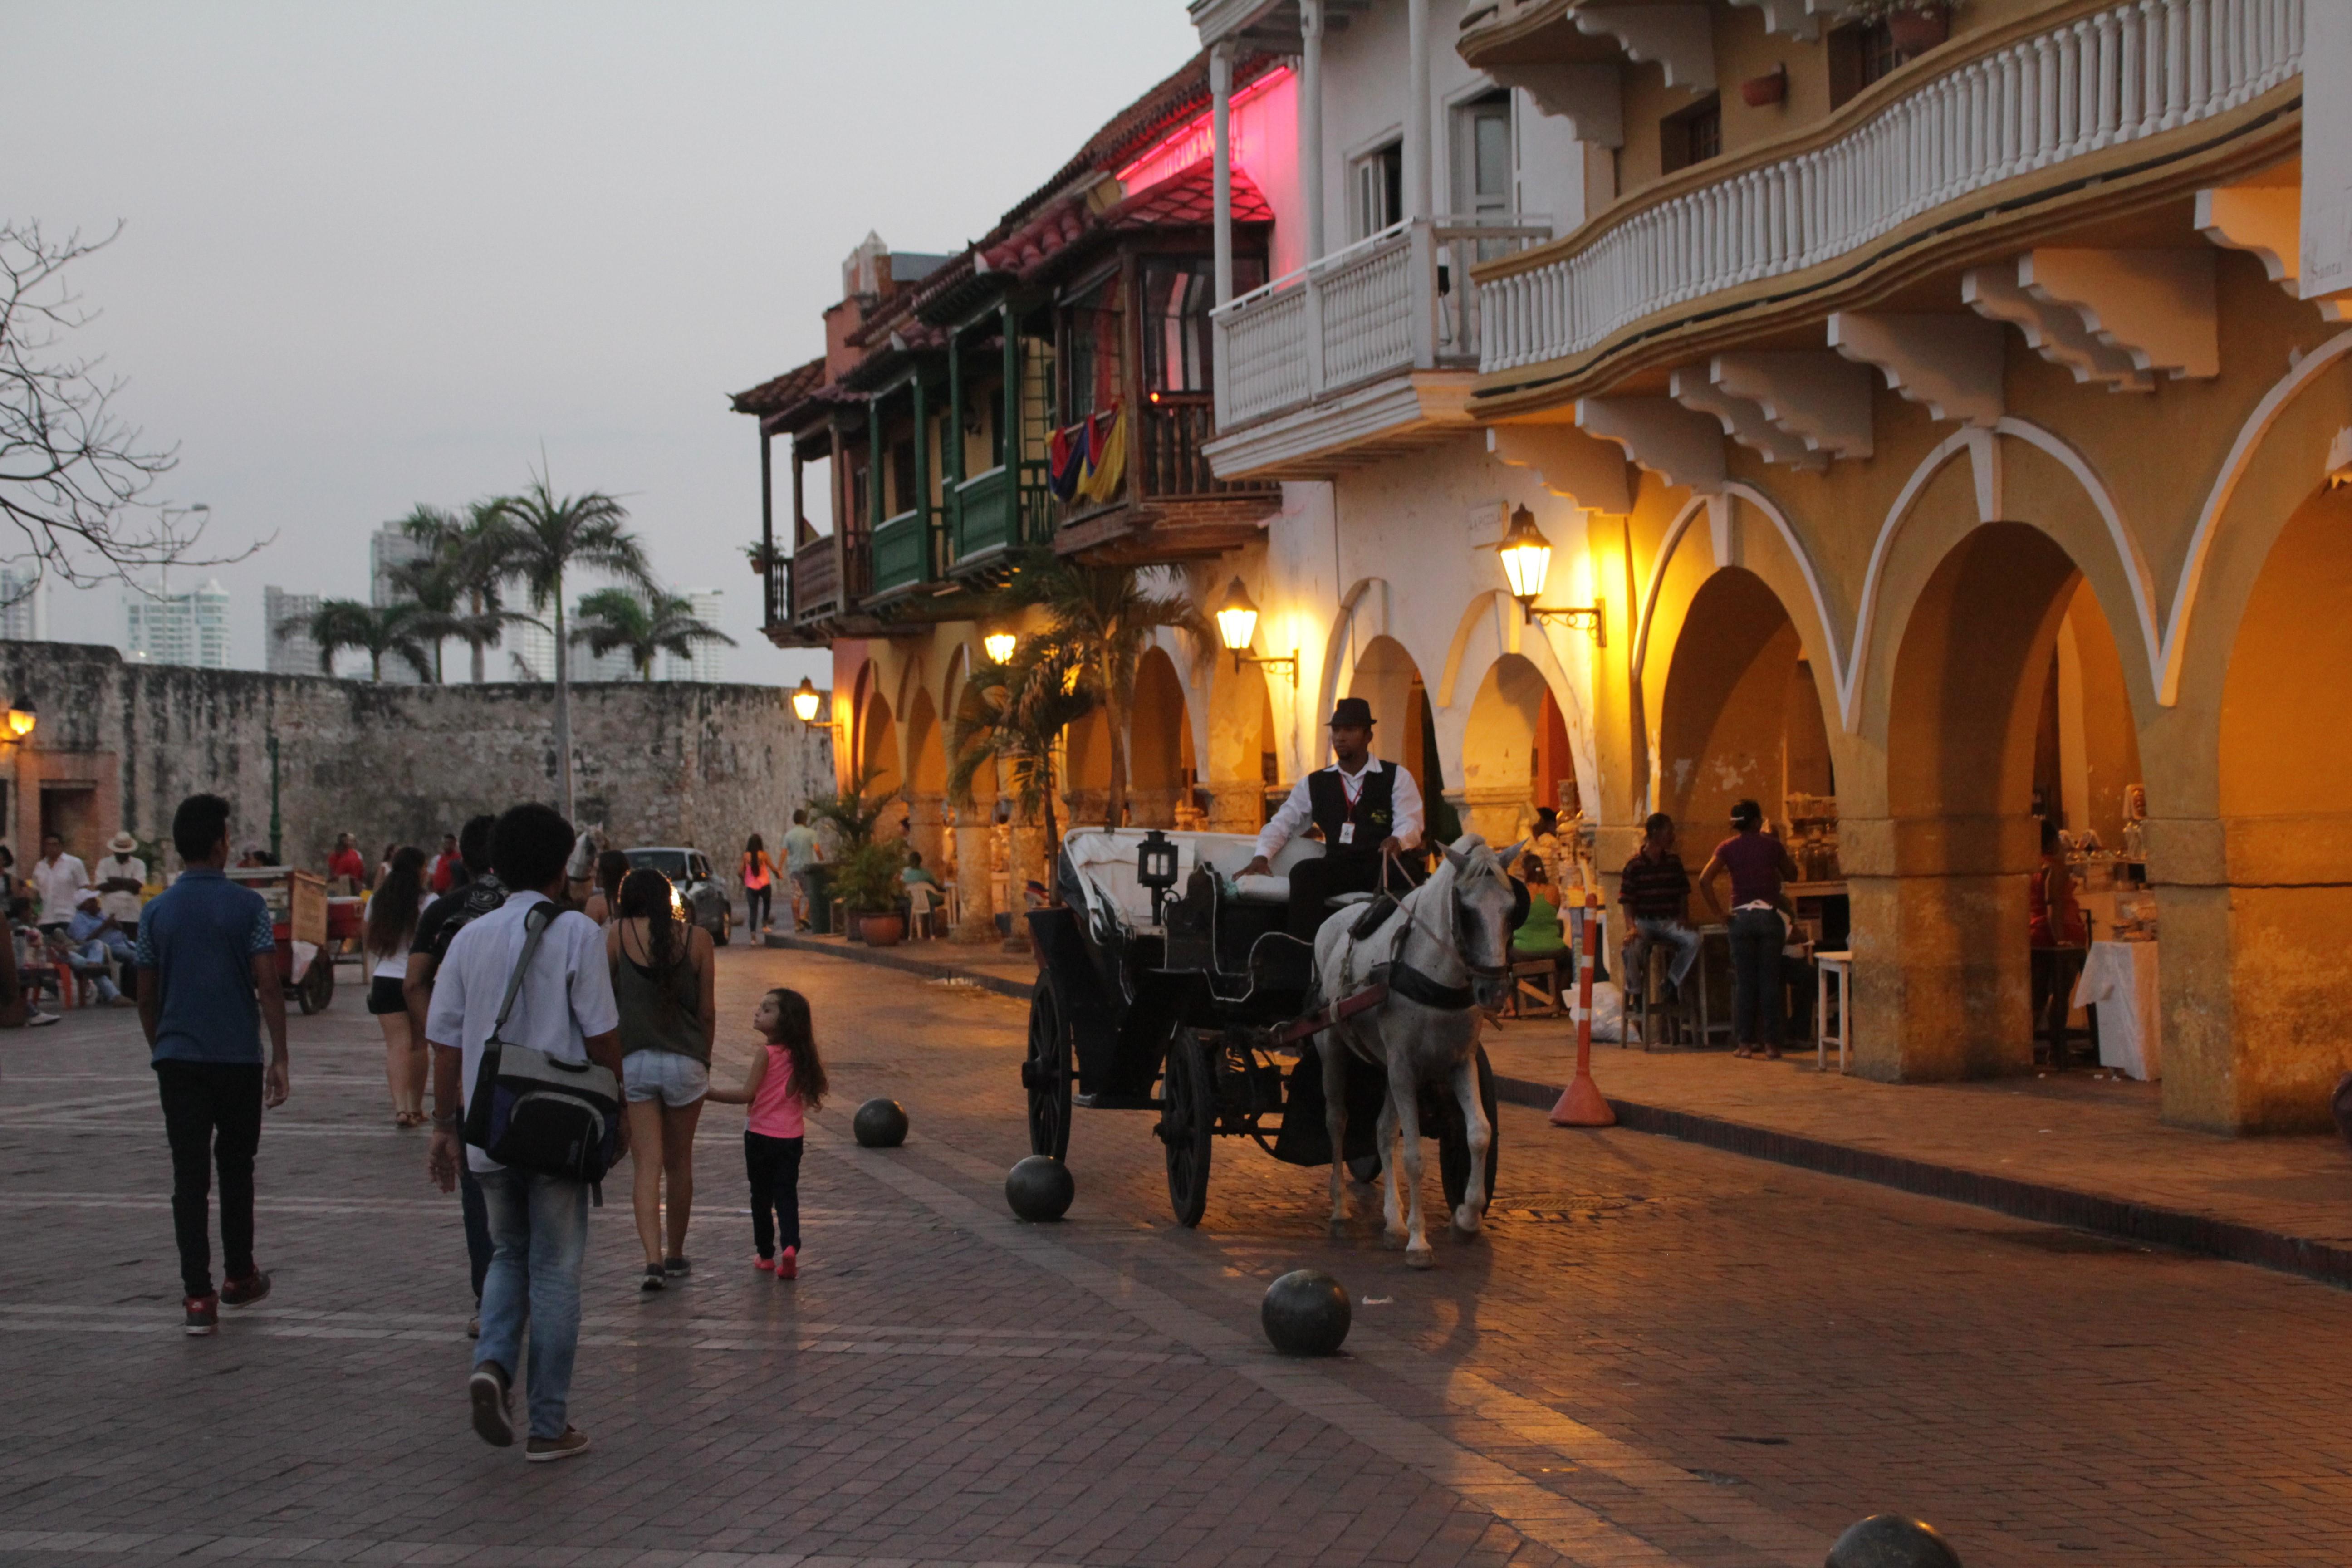 A la tombée de la nuit, les cochers proposent encore aux touristes de leur faire visiter la ville (© Jérôme Decoster).